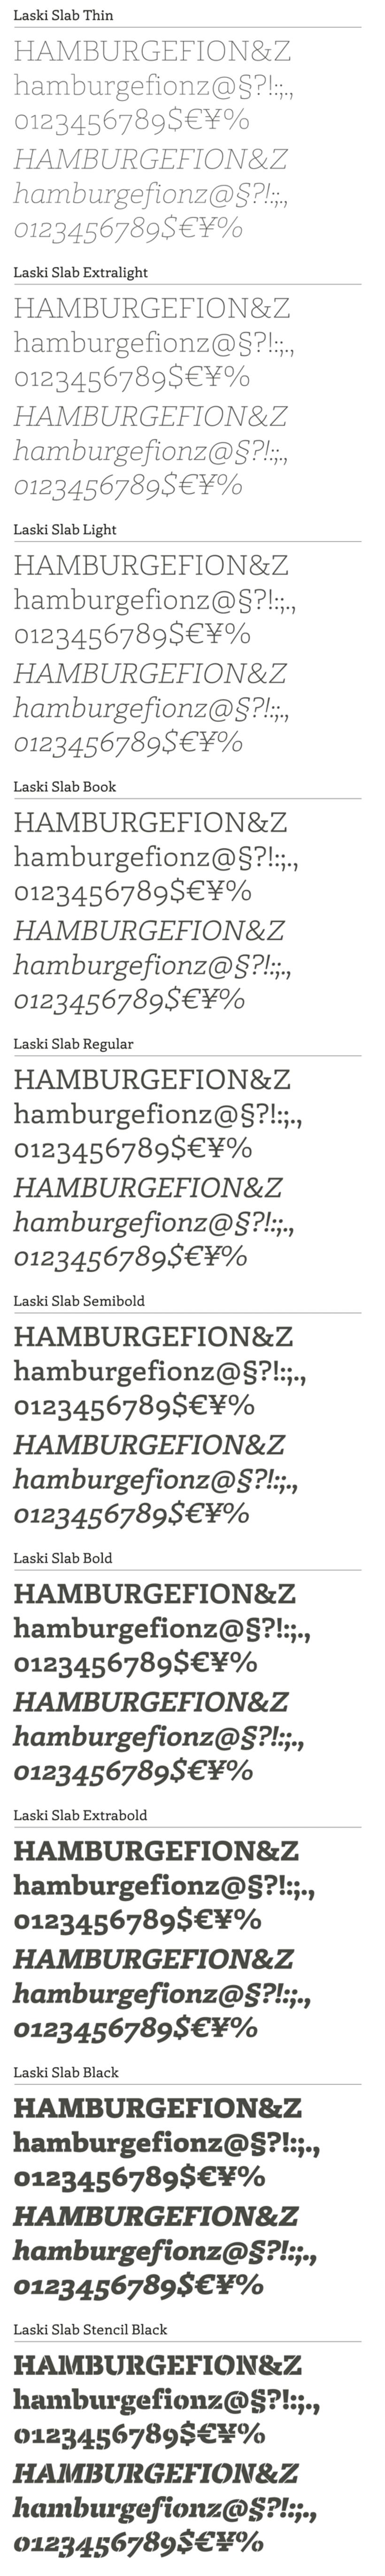 Laski Slab, nueva tipografía multipropósito 2